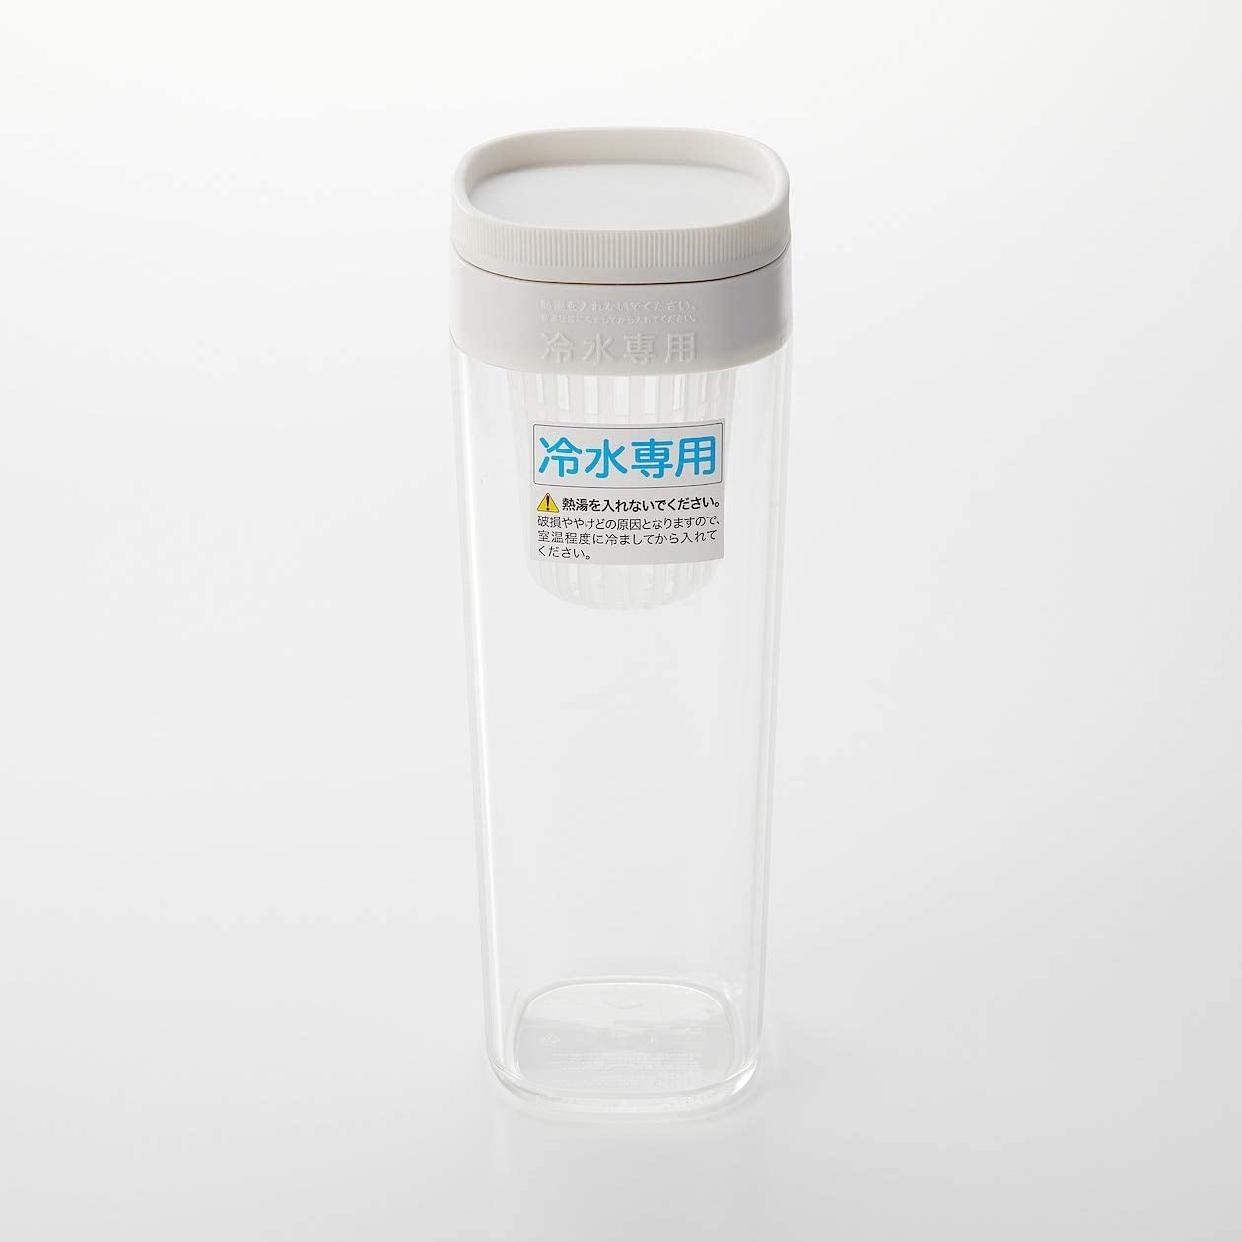 無印良品(MUJI) アクリル冷水筒 ドアポケットタイプ/冷水専用約1Lの商品画像3